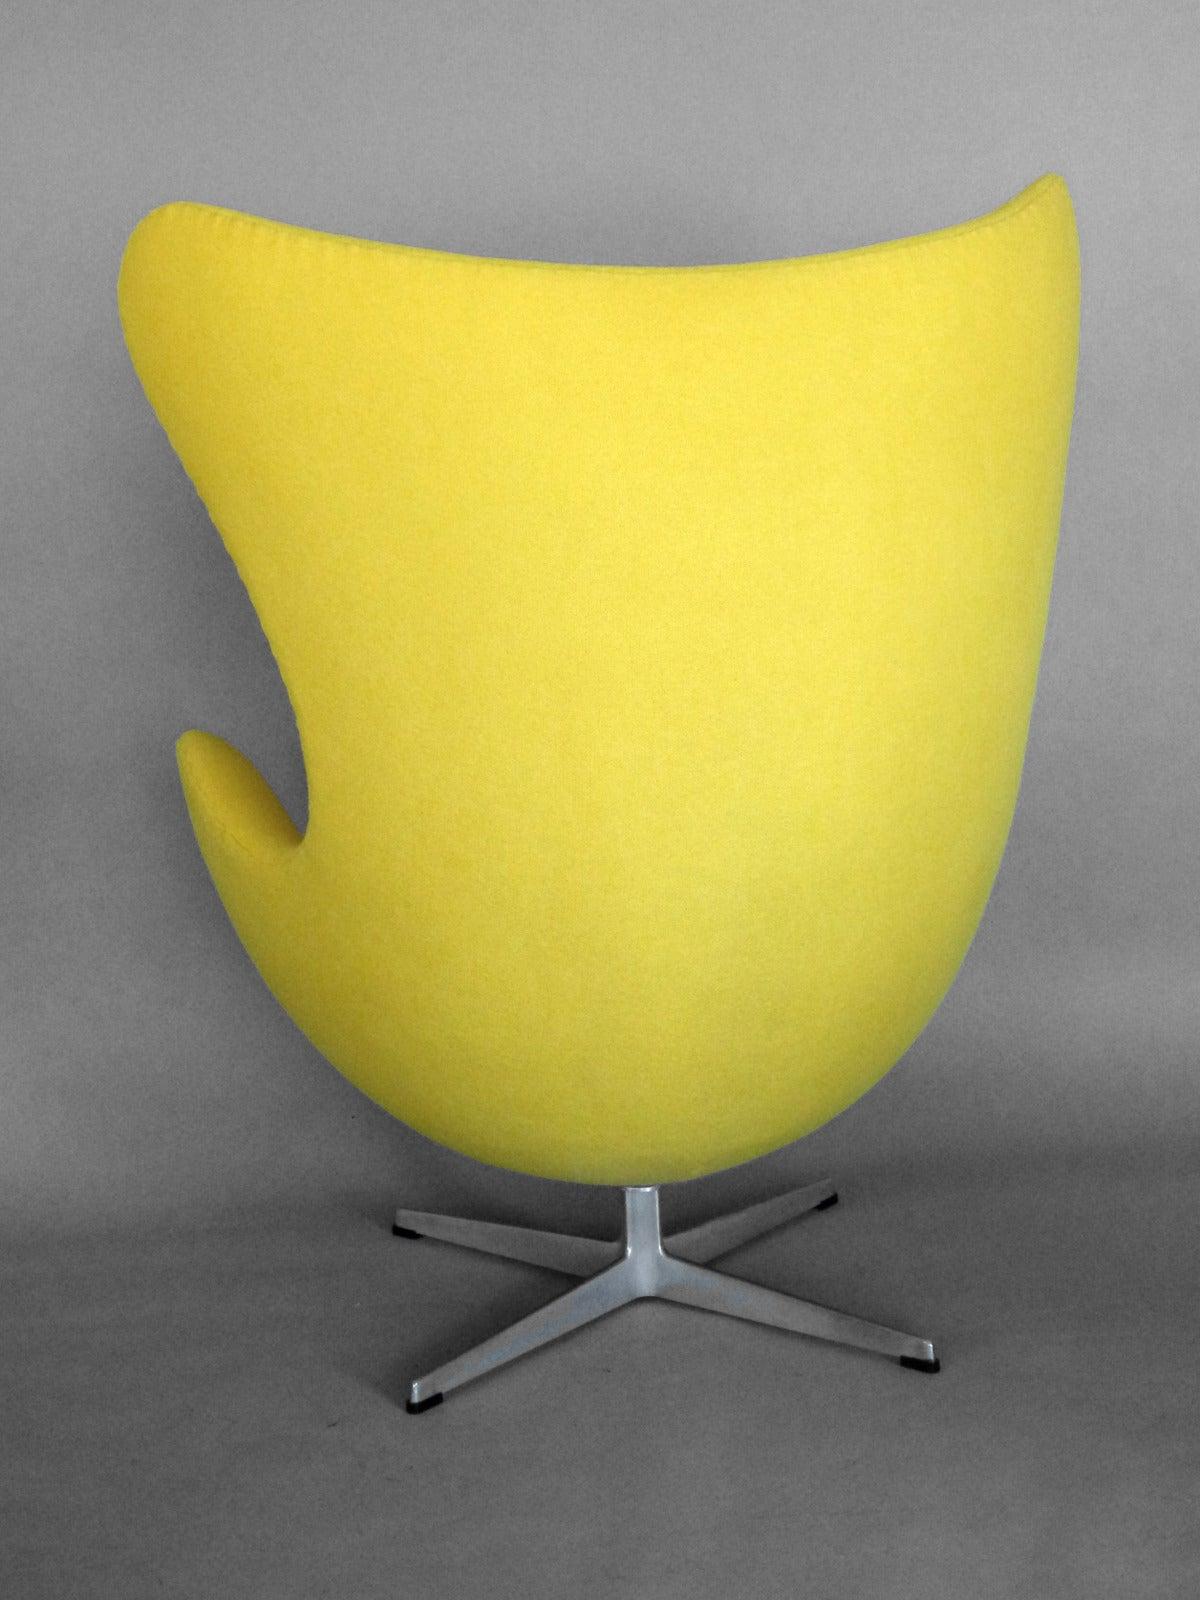 Mid-Century Modern Properly Restored Arne Jacobsen Egg Chair For Sale